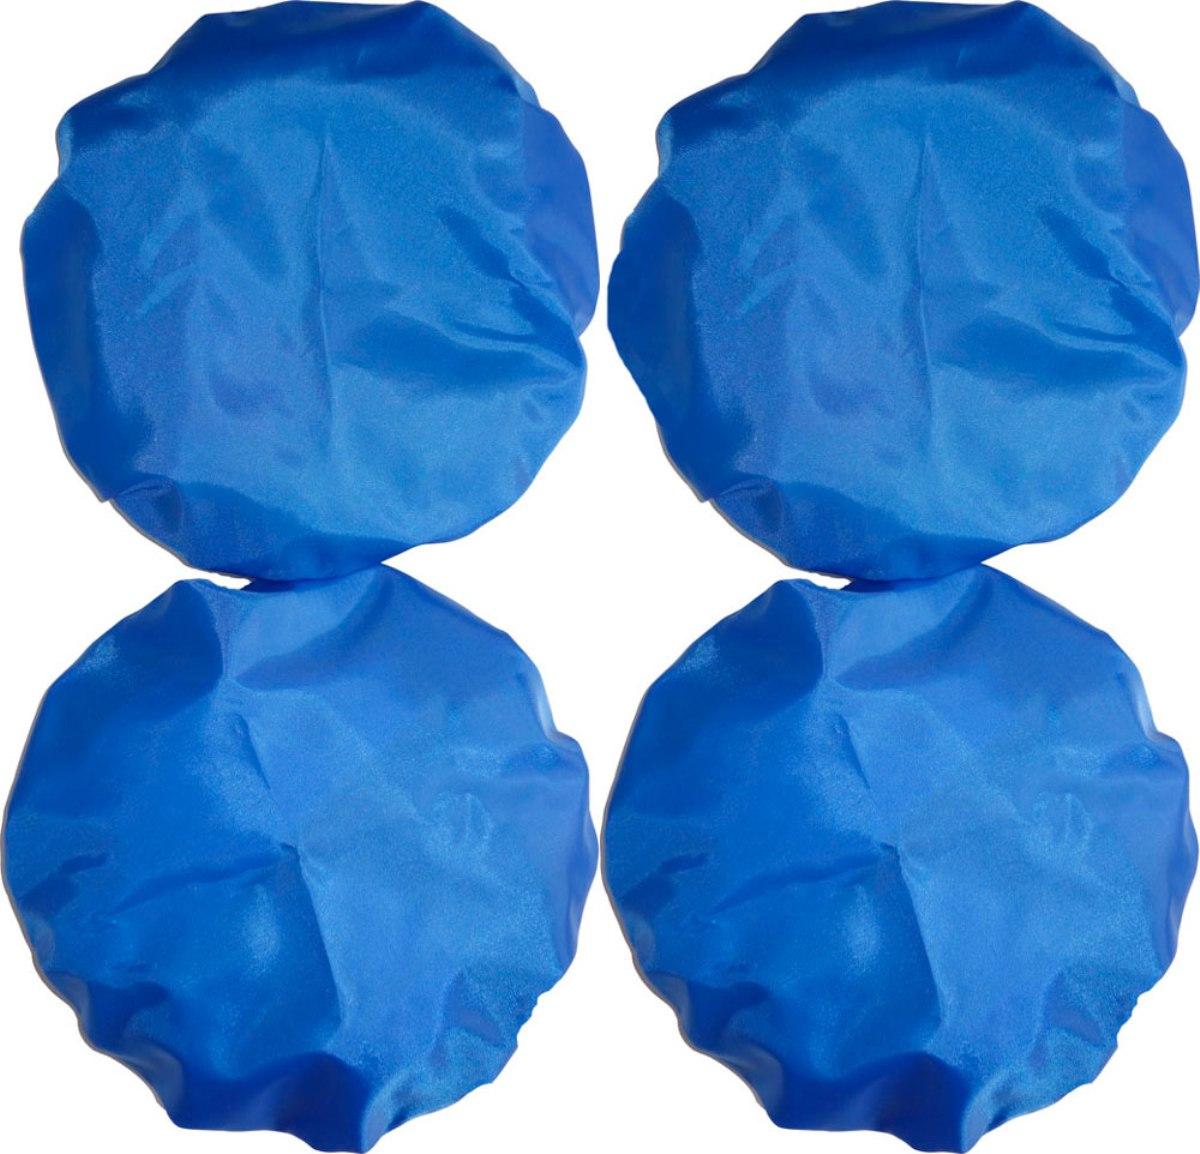 Чудо-Чадо Чехлы на колеса для коляски диаметр 18-28 см цвет синий 4 штCHK02-003То, что с малышом нужно чаще гулять, знают все. Но как же неохота после этого каждый раз мыть колёса у коляски. А и не нужно! Представляем необычайно удобную вещь - чехлы на колеса для коляски Чудо-Чадо! Это простое решение для защиты от грязи в любое время года. Чехлы имеют самый стандартный размер, подходящий для большинства колёс на рынке колясок. Чехлы незаменимы, когда малыш крепко спит, а вы уже нагулялись, но будить его не хочется. Просто наденьте чехлы на колёса и закатите коляску домой. Чистый пол и хорошее настроение вам обеспечены. Редкий автолюбитель приемлет грязь в багажнике. Удобно упаковать колёса в чехлы и убрать коляску в багажник. И никакой грязи! Не нужно часто мыть колеса коляски. Уличная грязь не соприкасается с вашим полом, она остаётся в чехле. Удобная конструкция предотвратит высыпание даже засохшей грязи. Ткань, из которой сделаны чехлы, легко стирается. Важно: чехлы не подходят для колёс с креплением вилка и на поворотные...